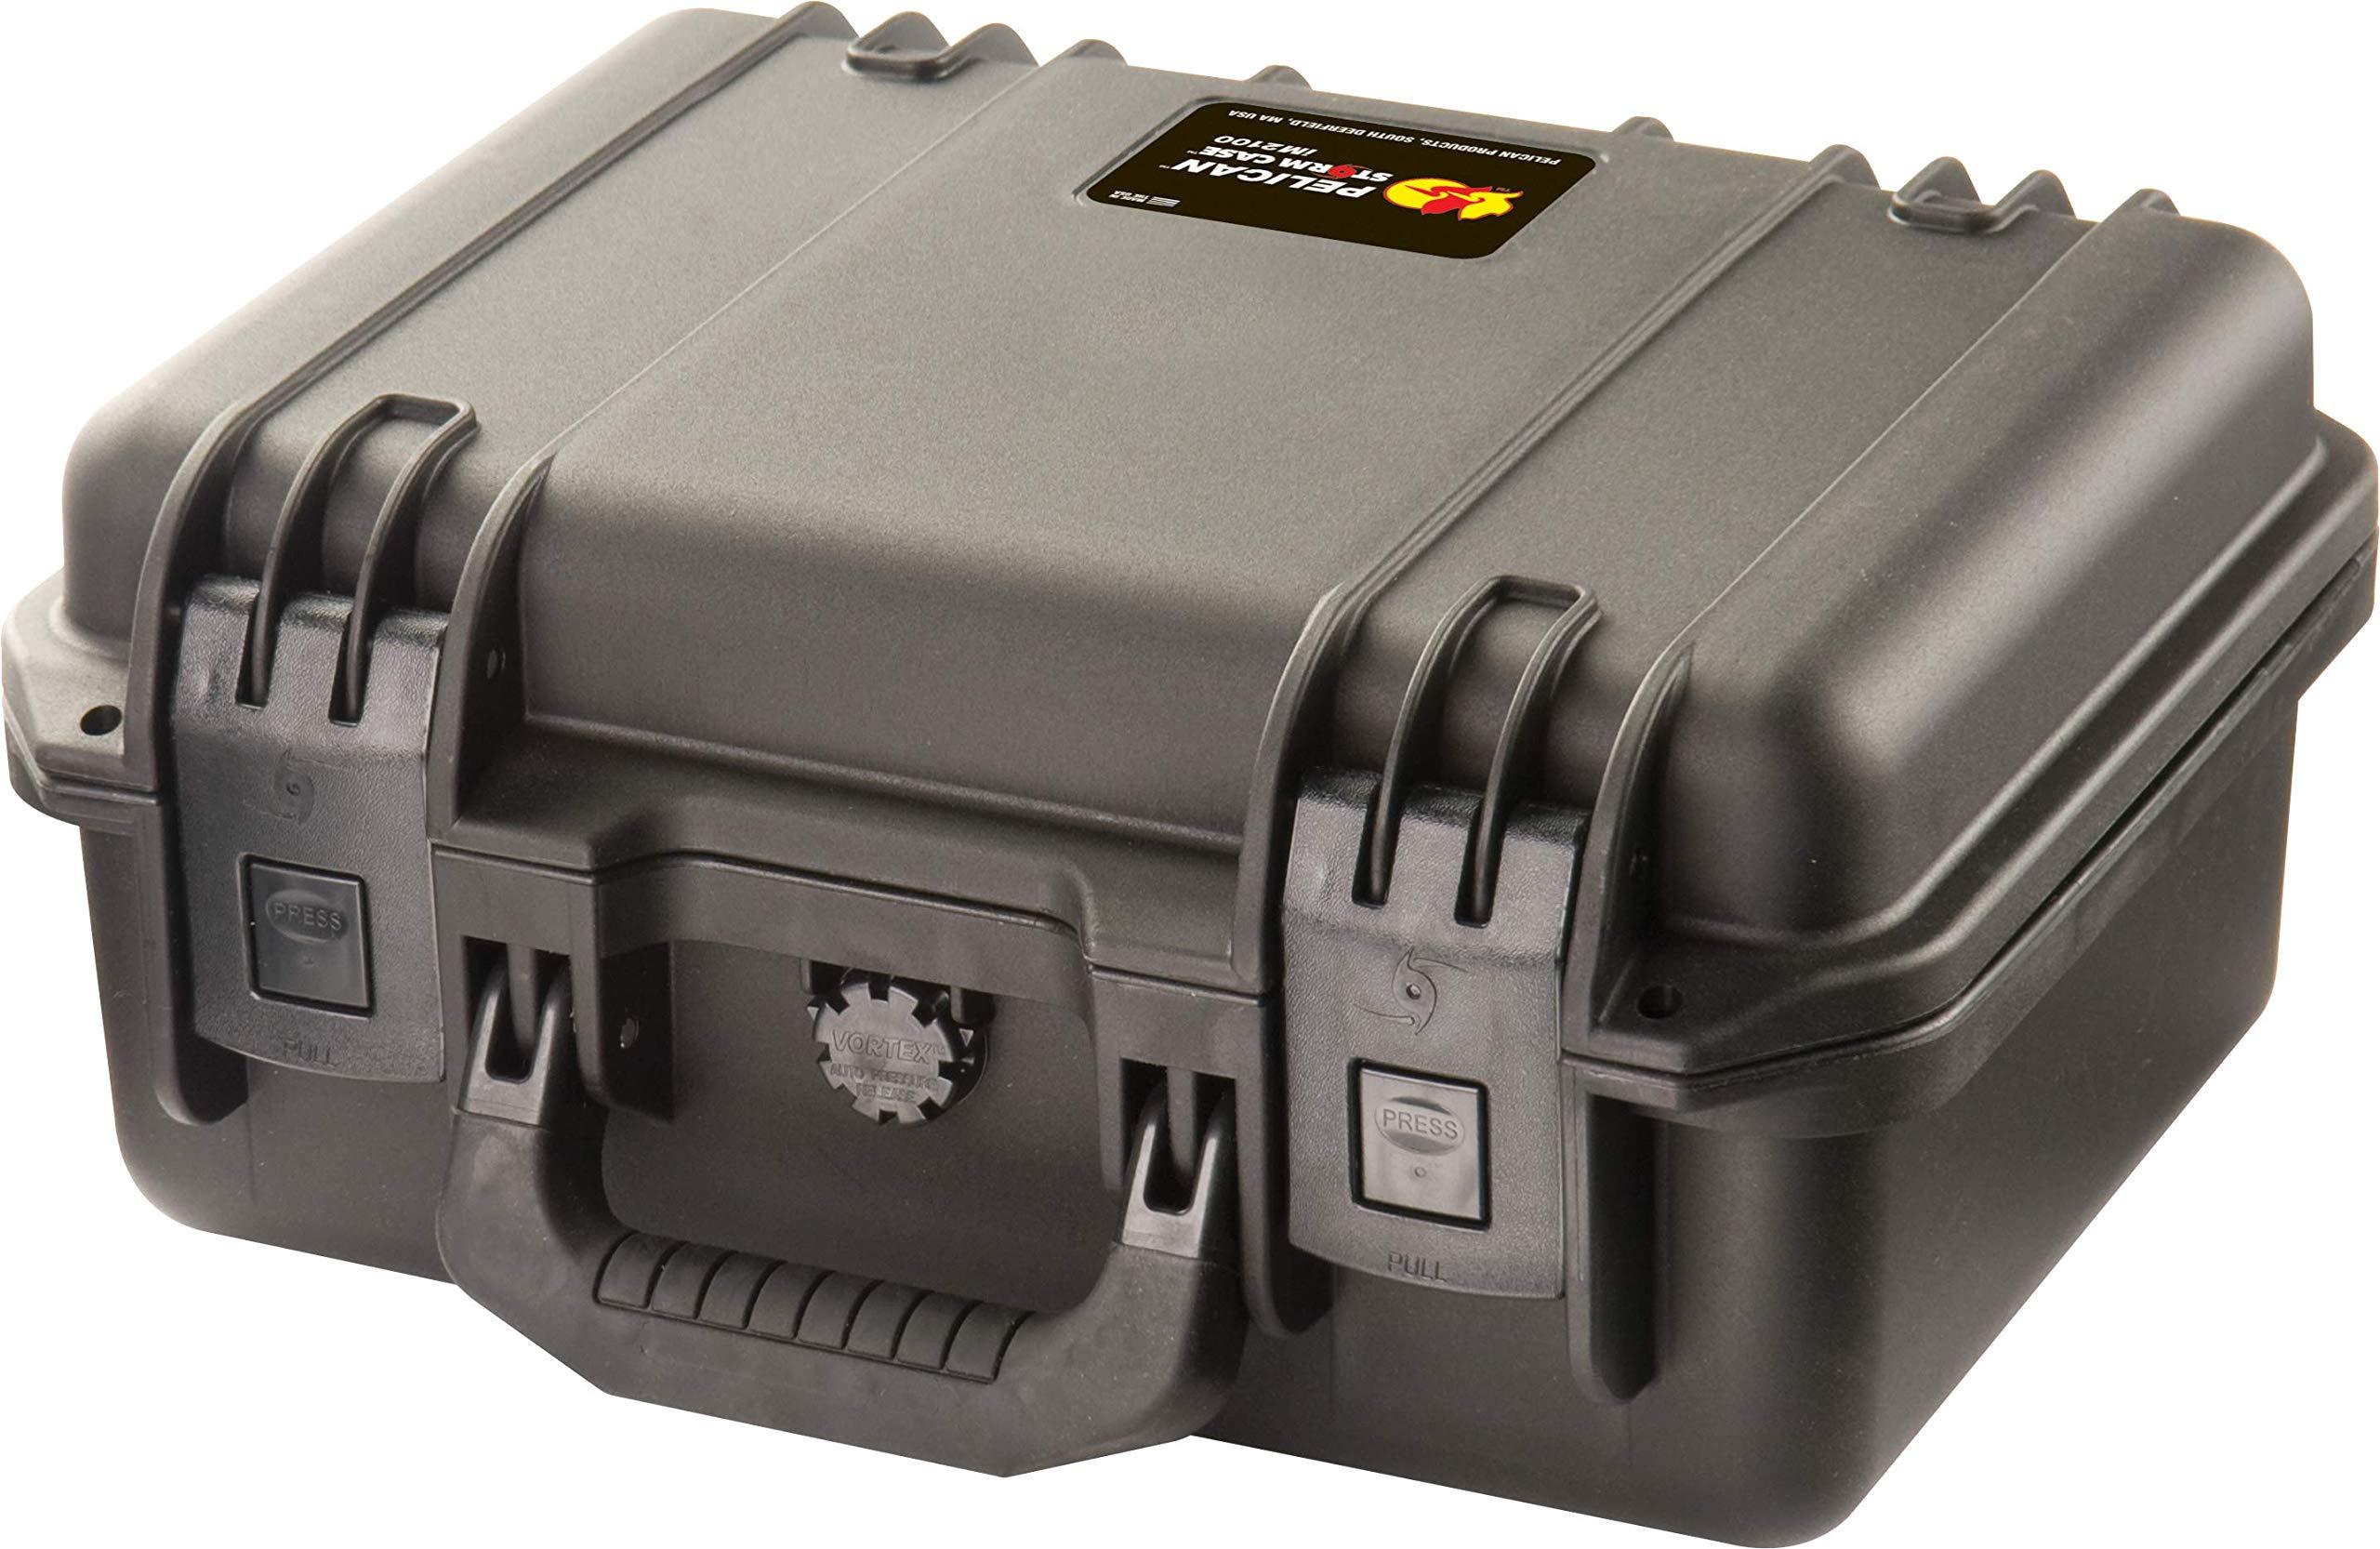 Waterproof Case (Dry Box) | Pelican Storm M2100 Case With Foam (Black)